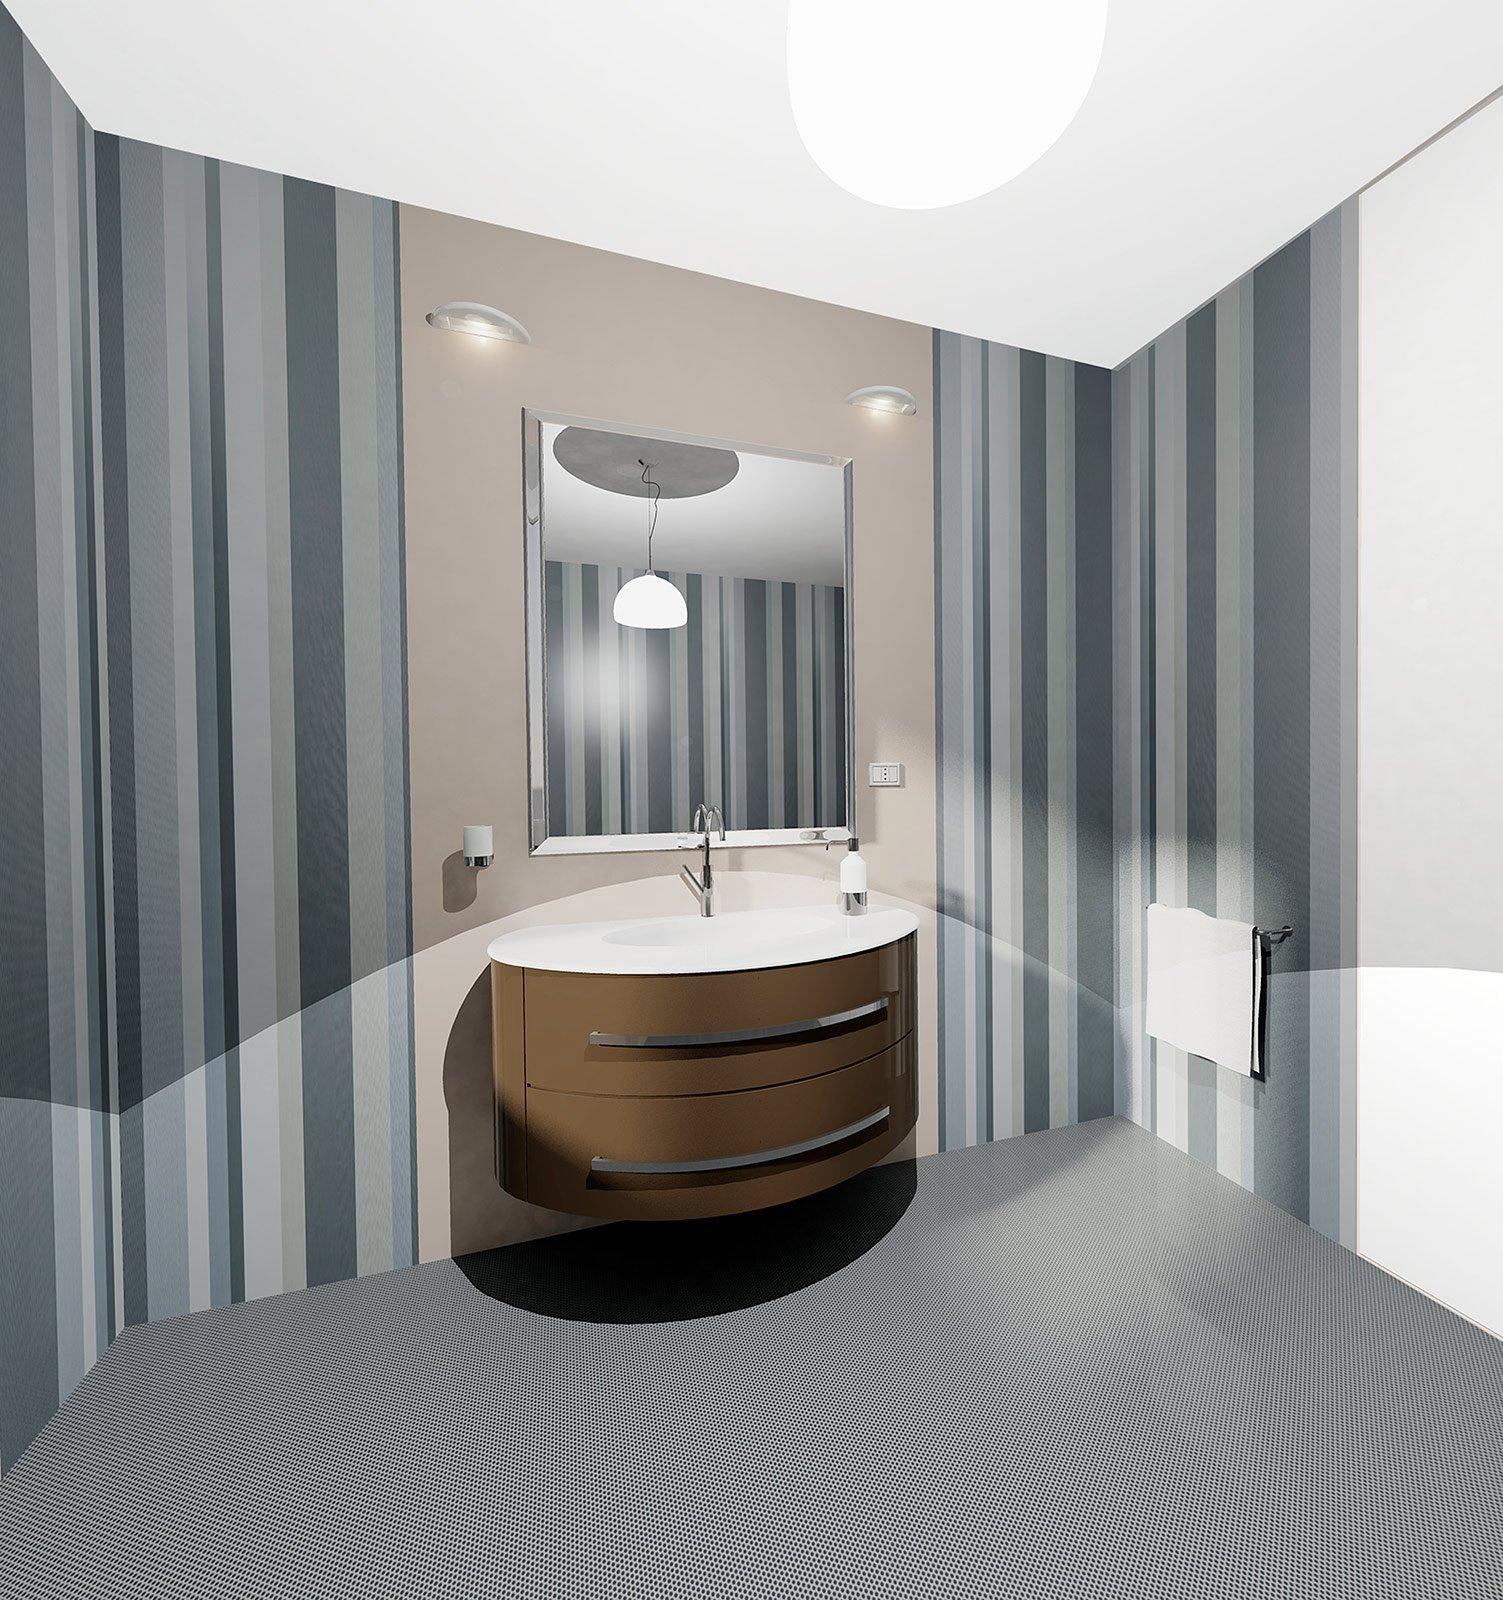 Scegliere i rivestimenti per pareti e pavimenti cose di casa for Piastrelle 3 millimetri